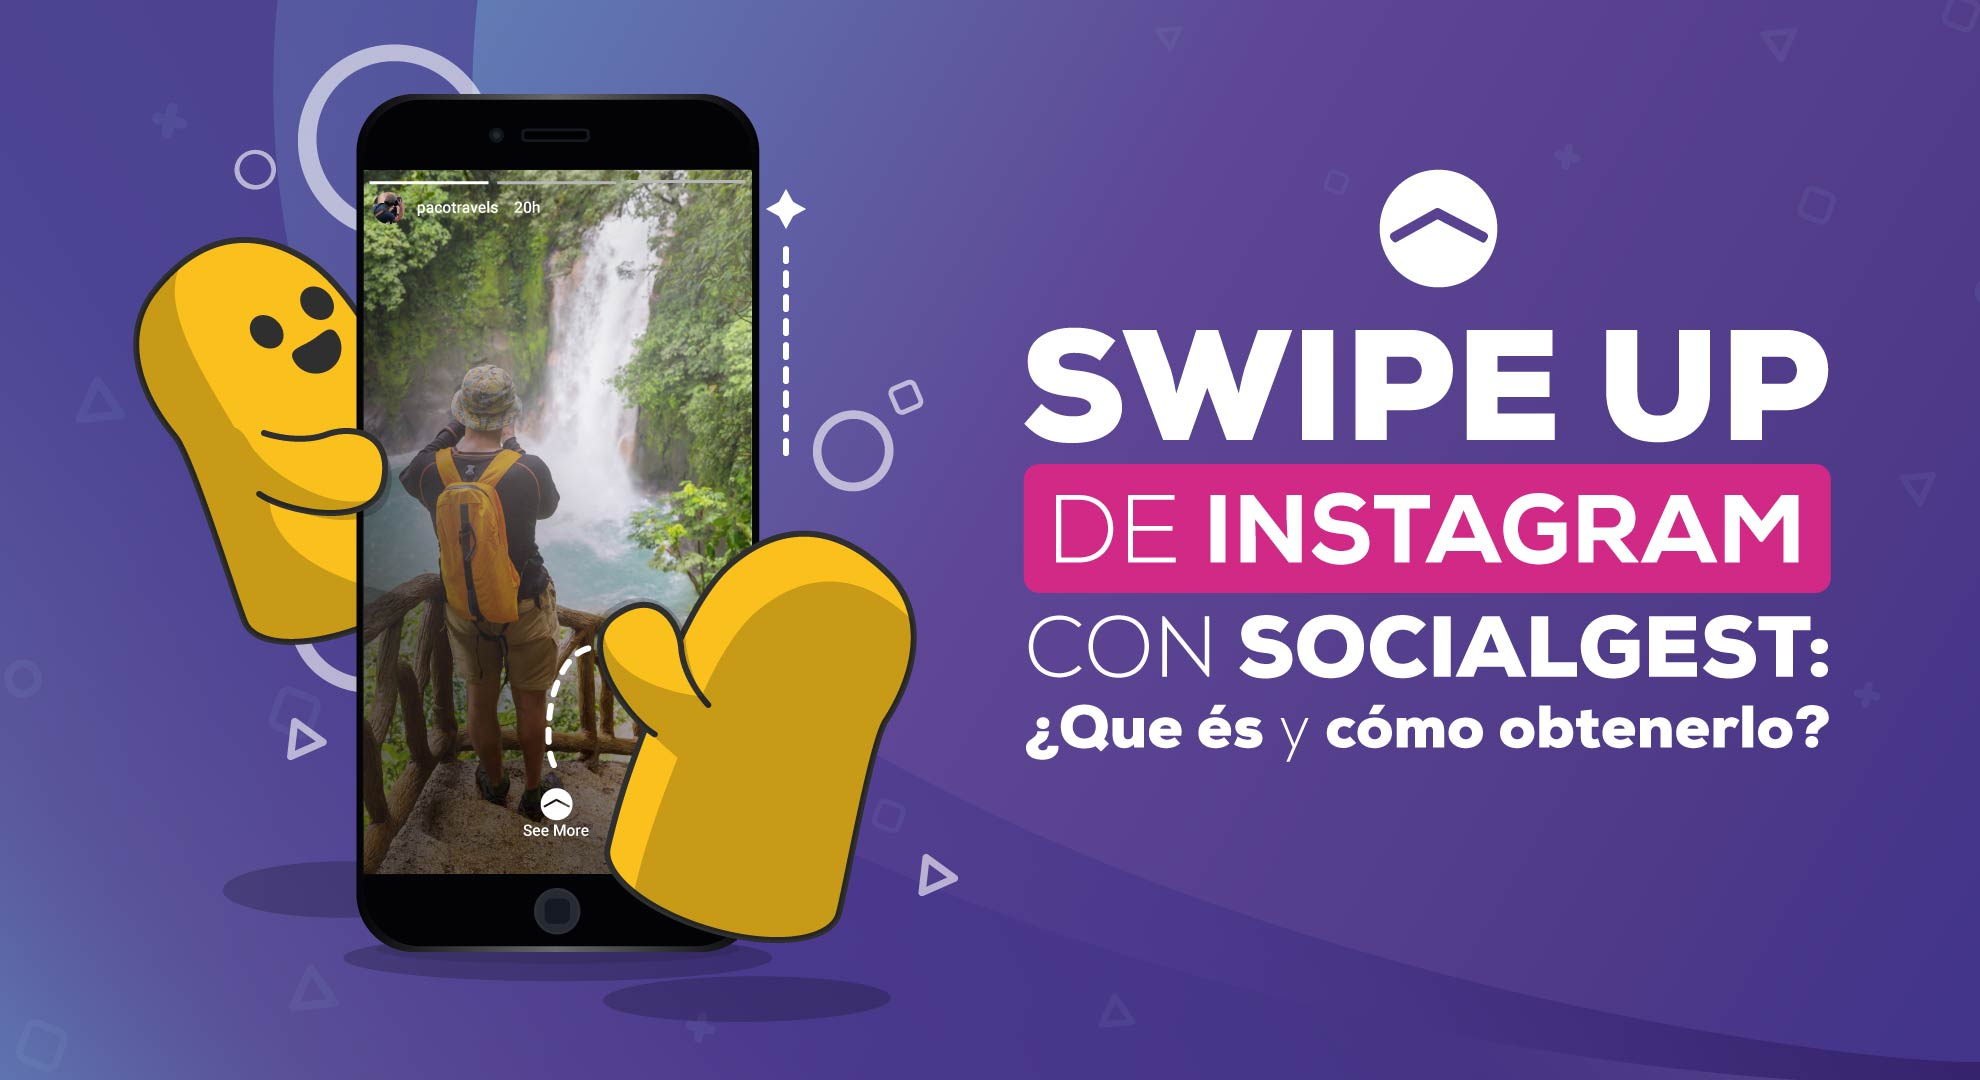 Swipe up Instagram SocialGest